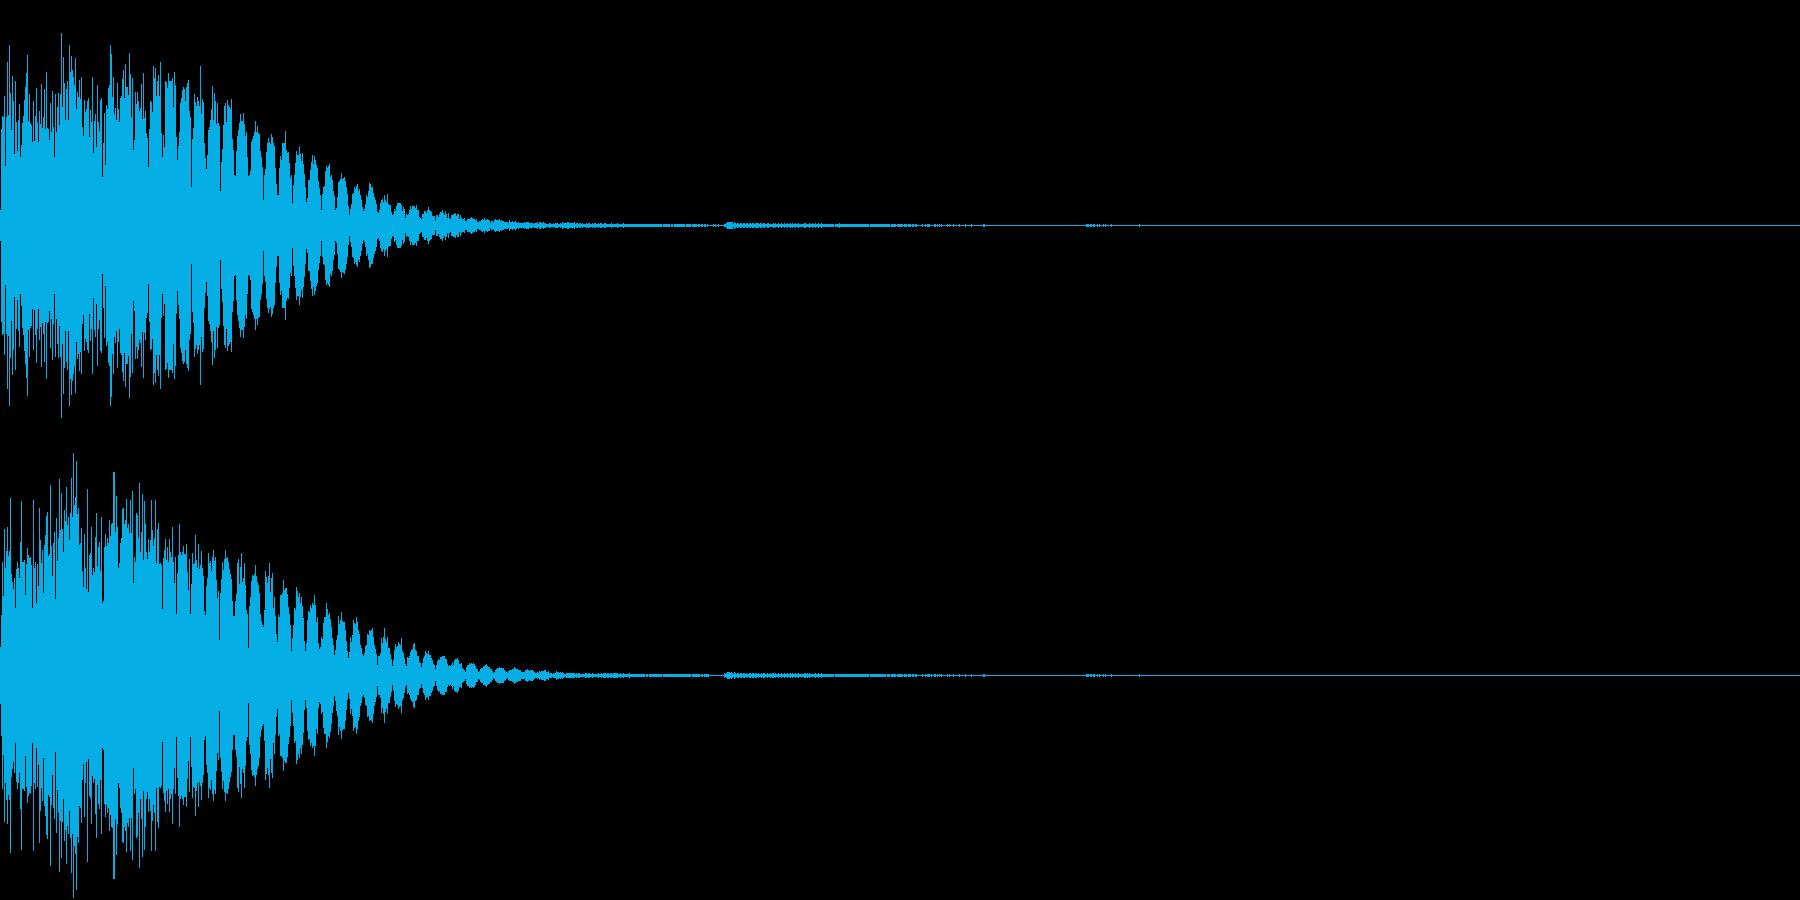 クリック音、キラン、キュイン、ピコン02の再生済みの波形